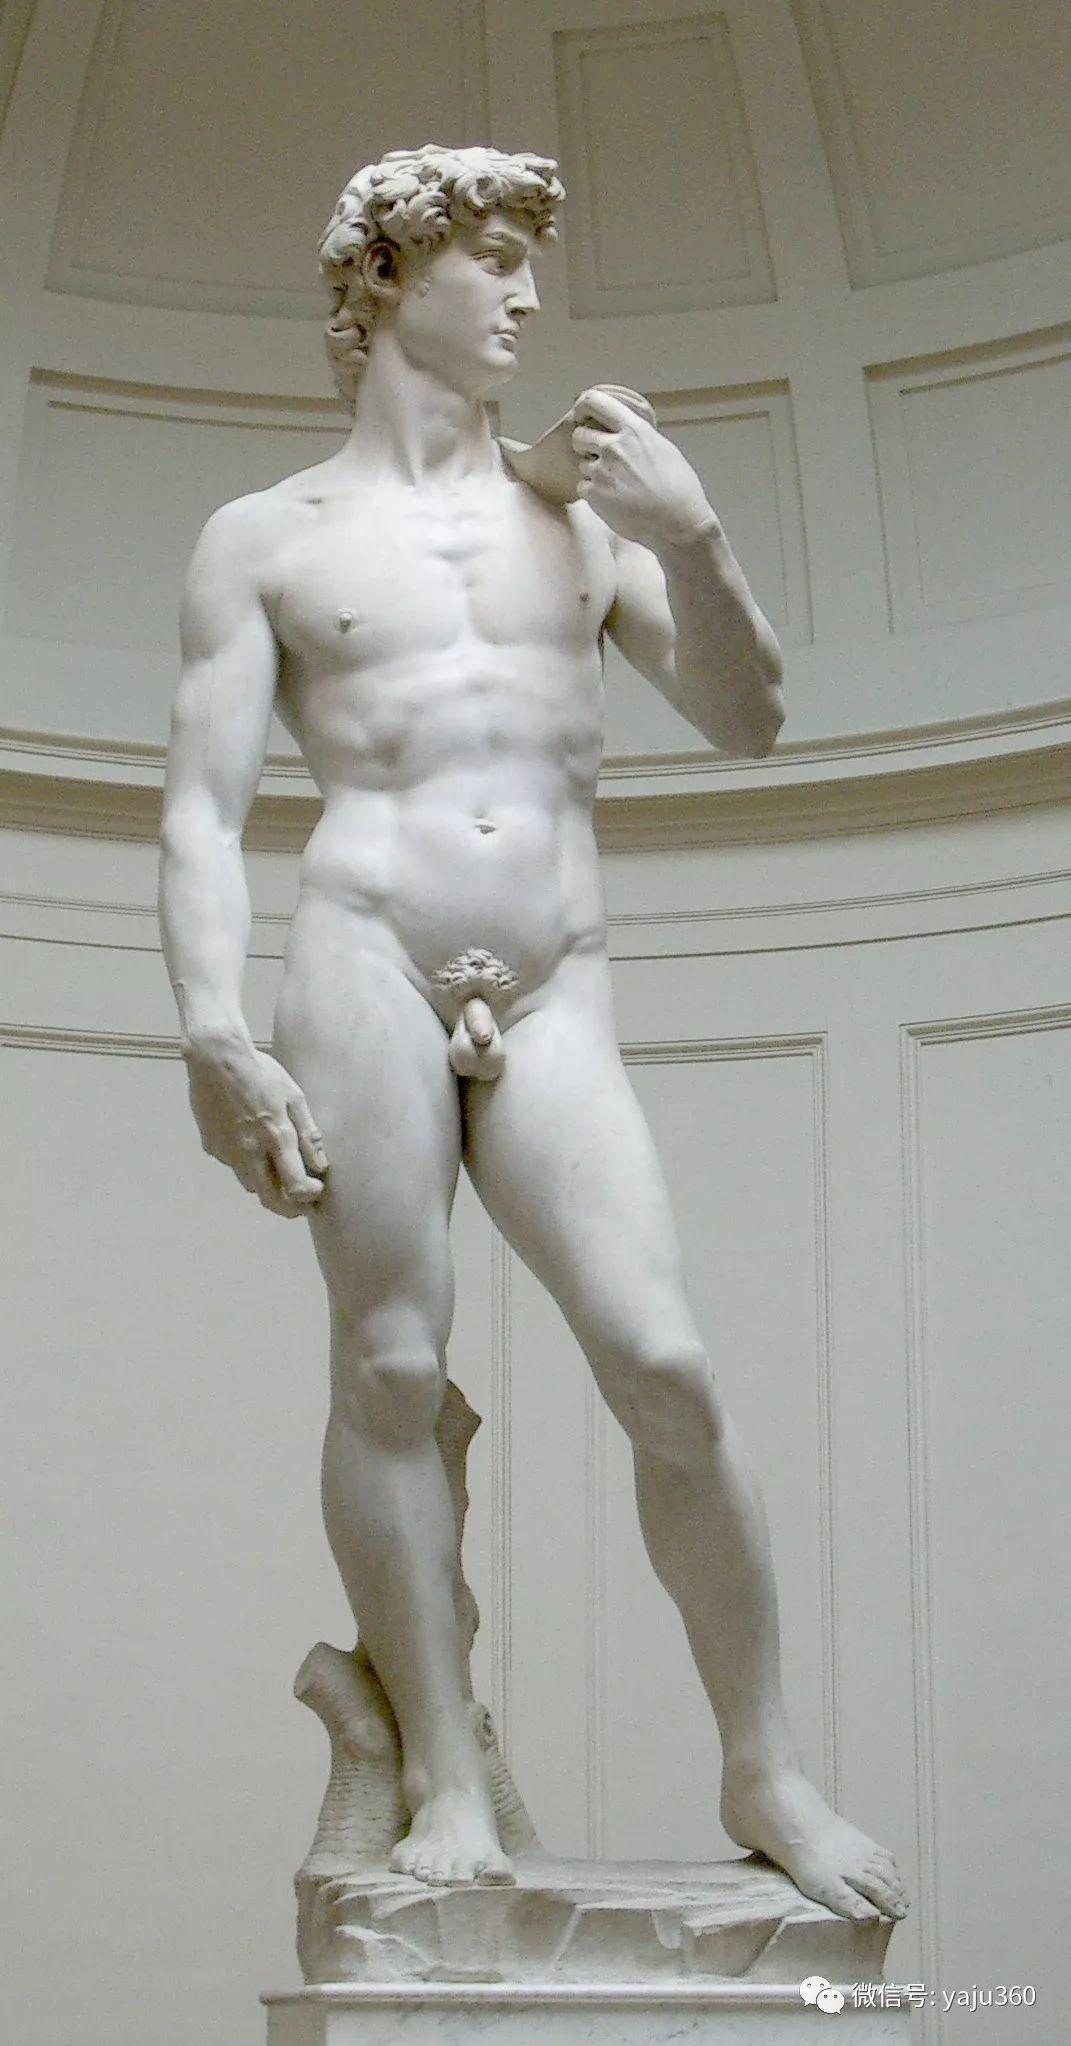 文艺复兴三杰 意大利画家Michelangelo插图9